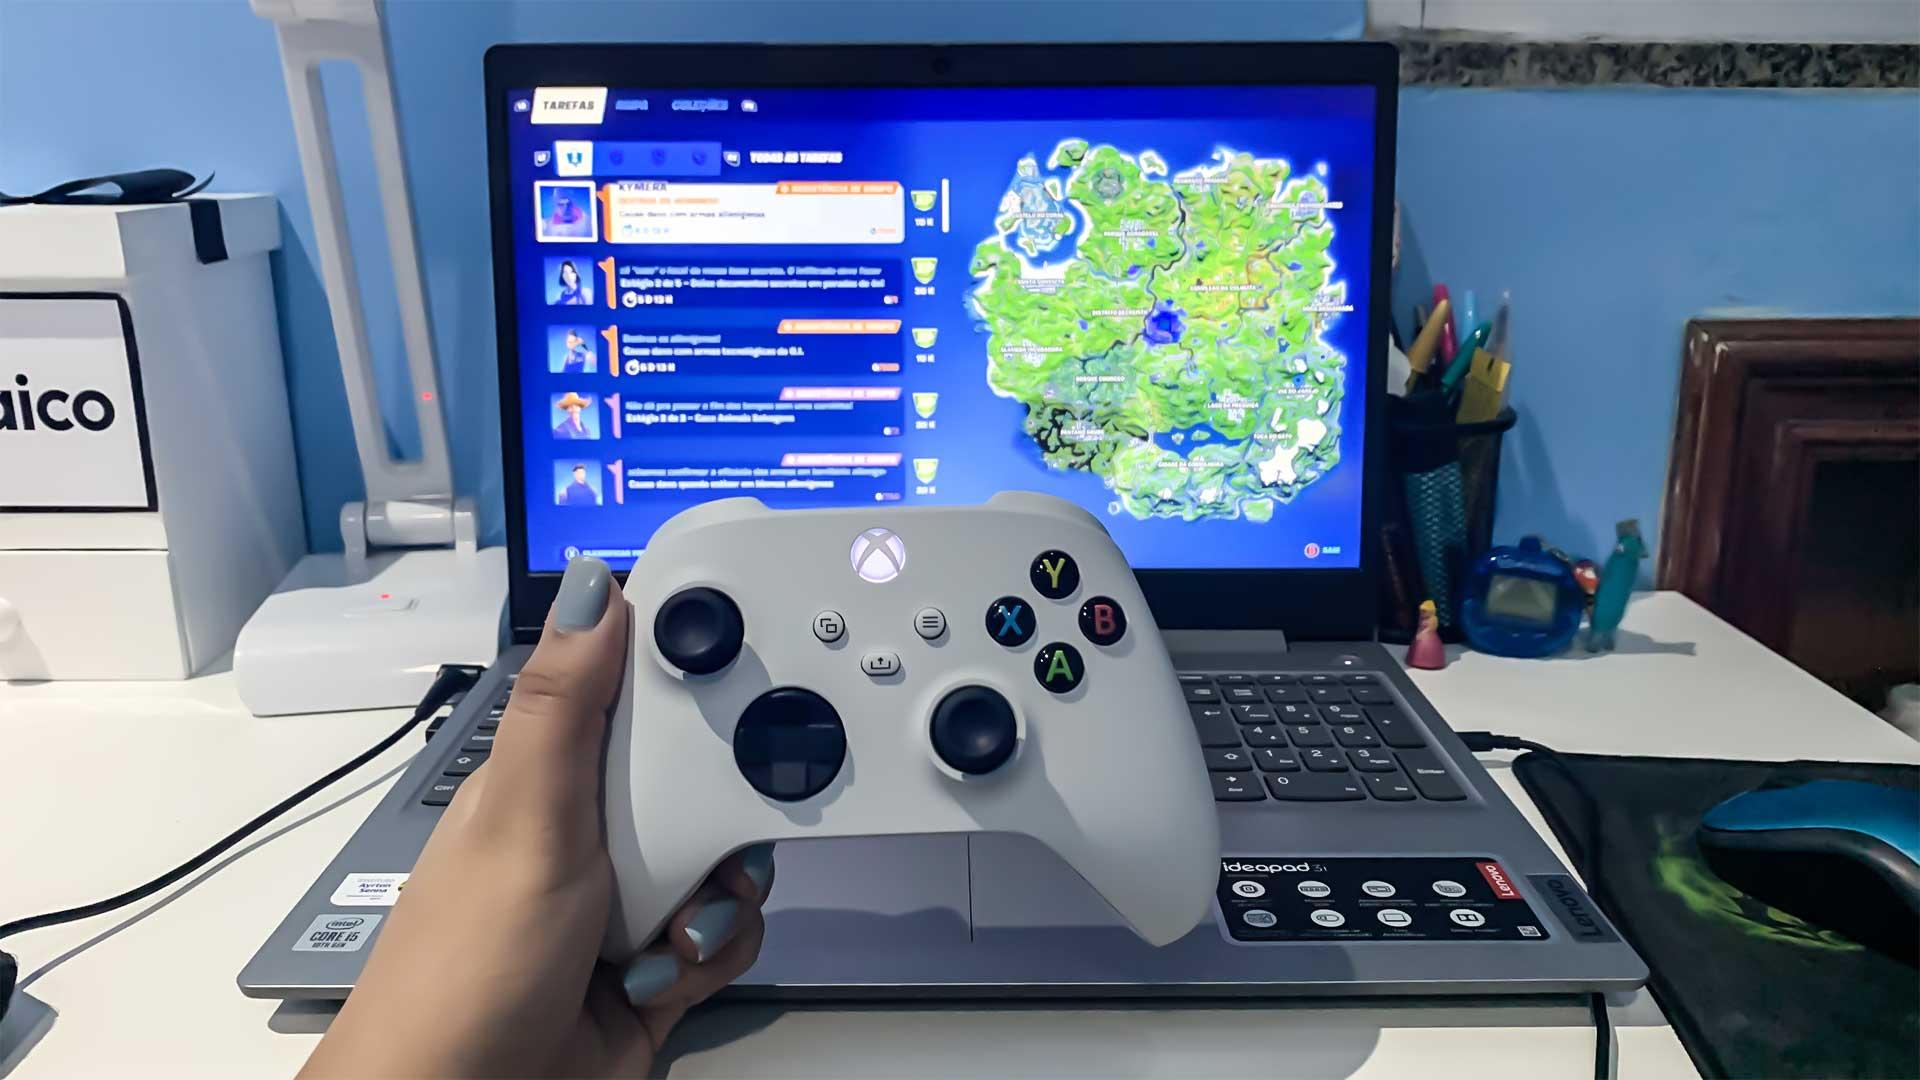 Controle xbox series x/s em frente a notebook